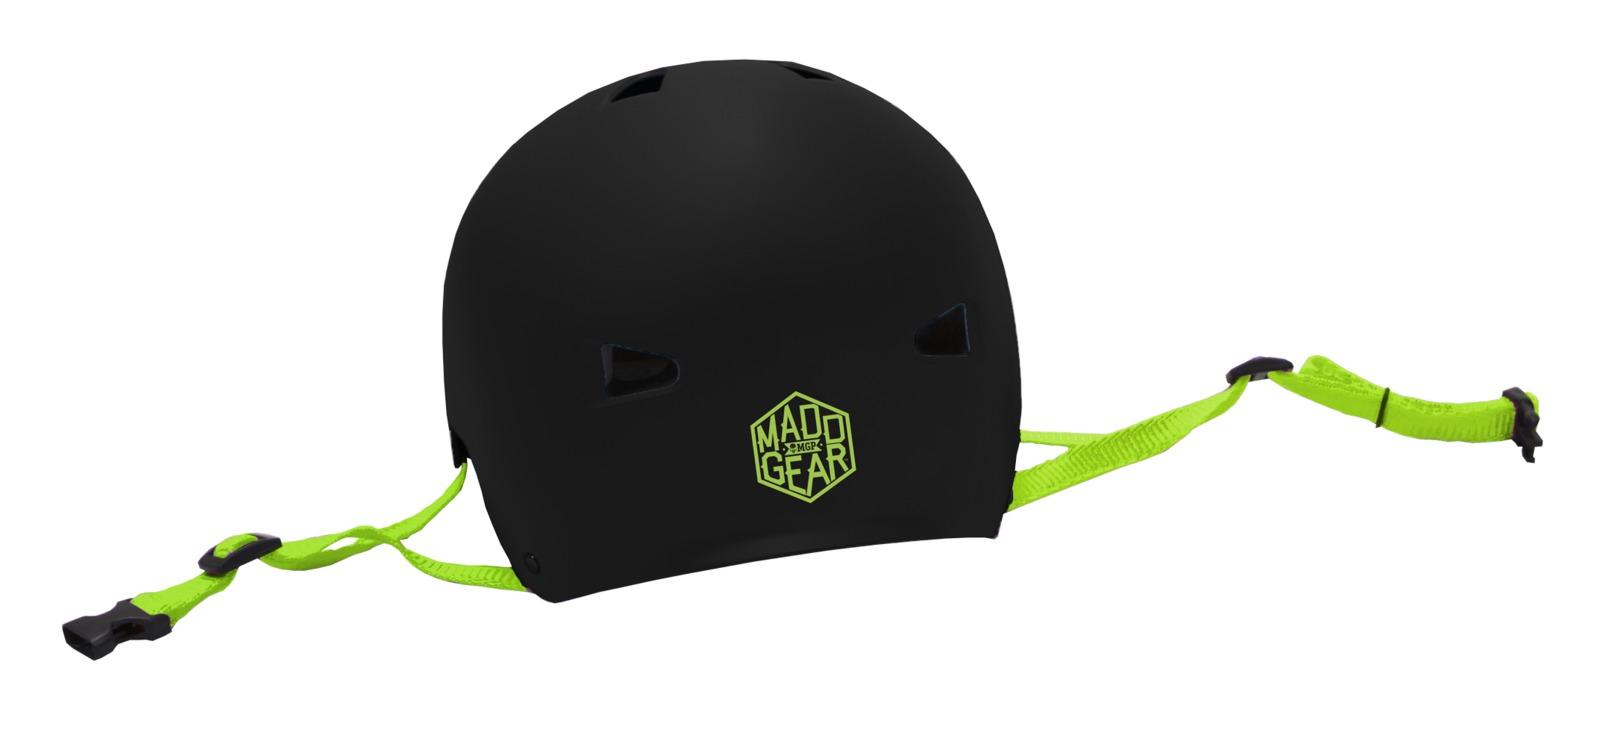 MADD Gear: Multi-Sport Helmet - XS/Small (Black) image